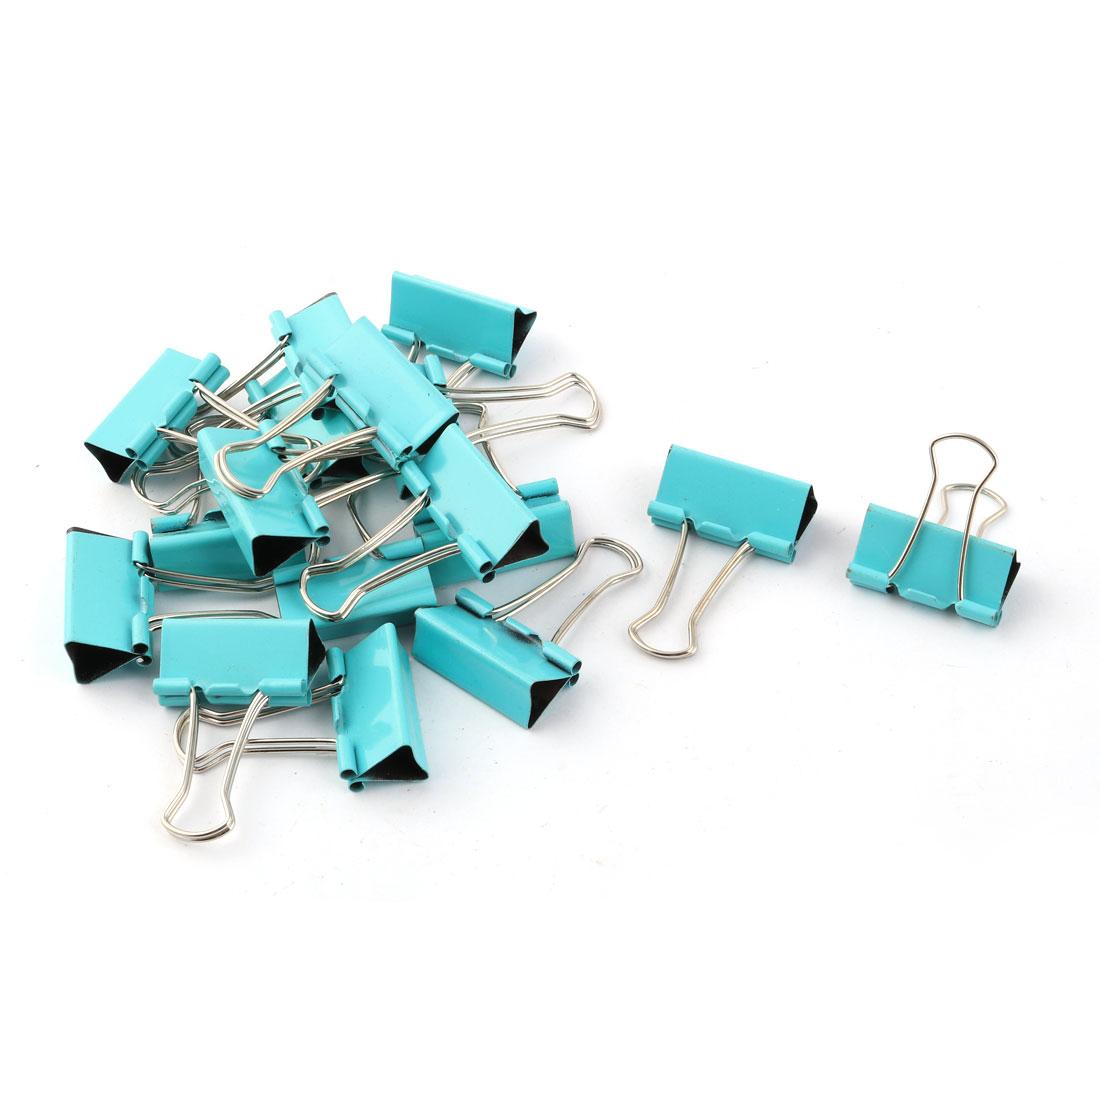 Office Supplies Folder Paper Money Binder Clip Green Silver Tone 17pcs